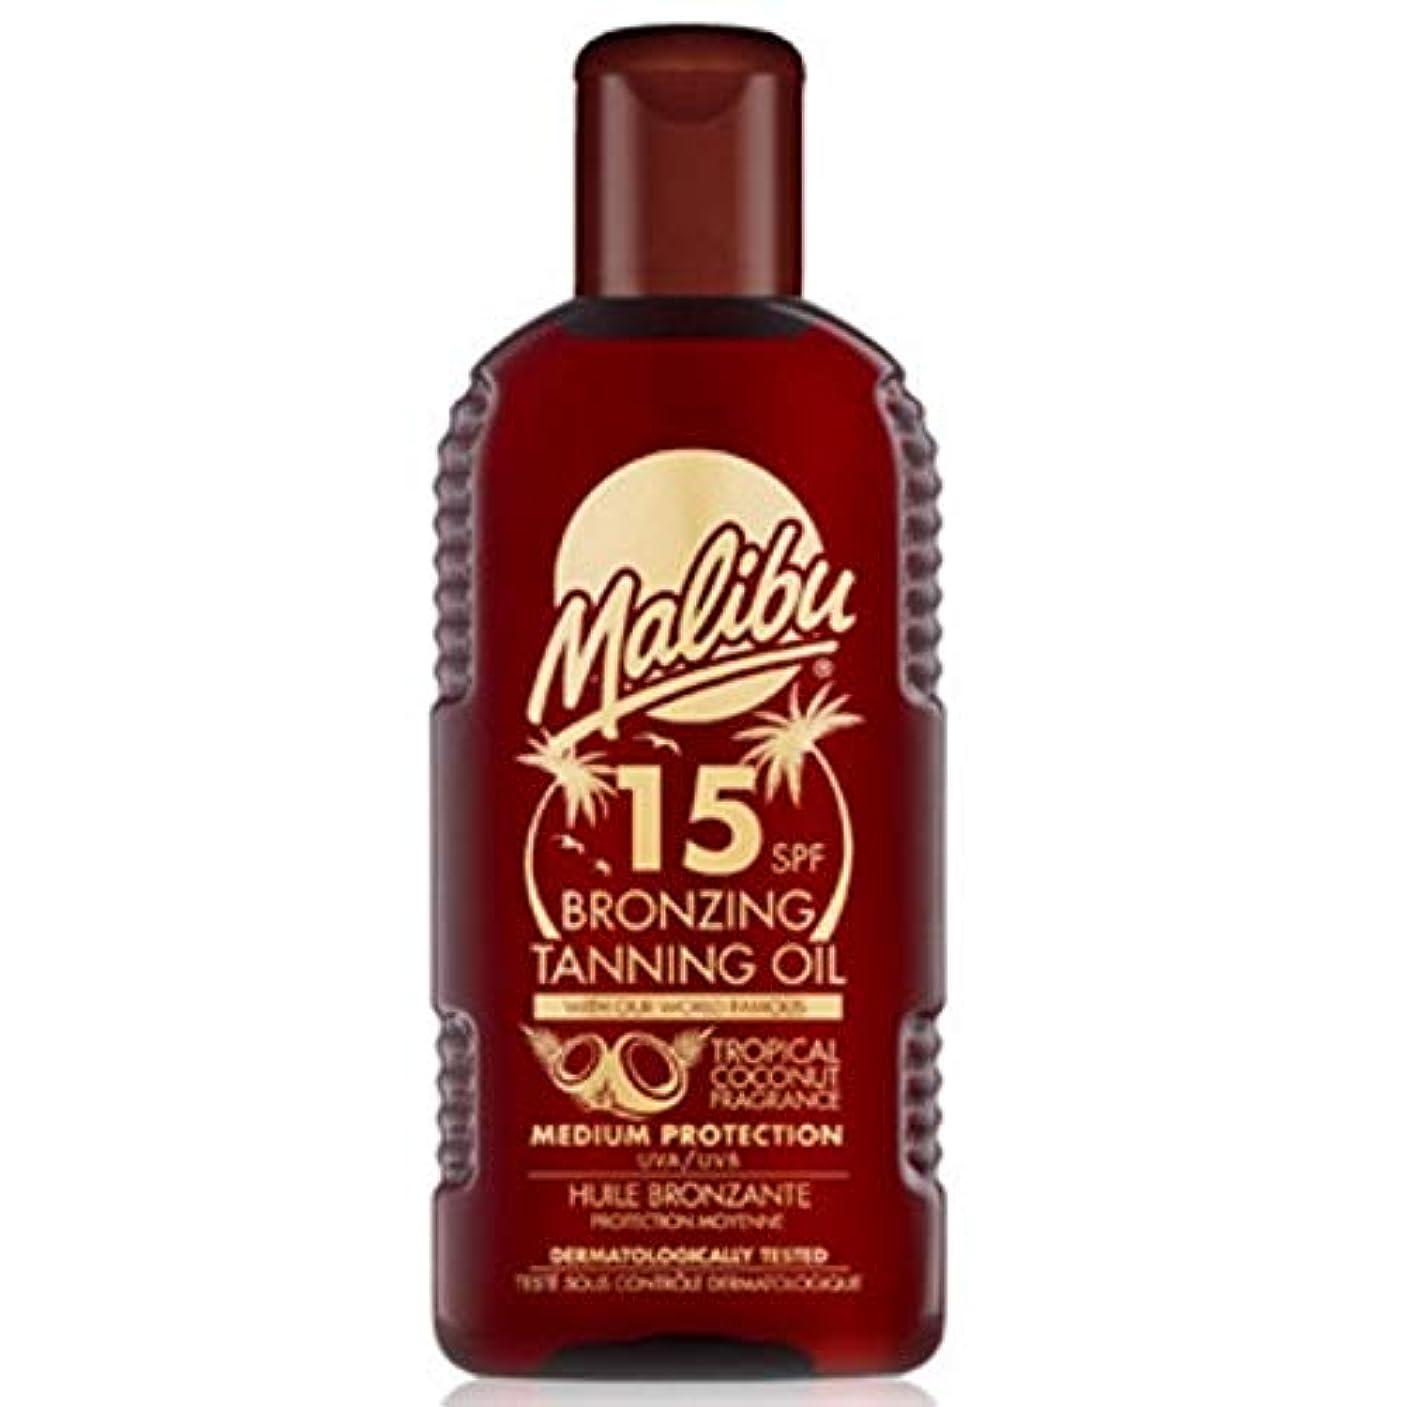 曲憎しみ幻影[Malibu ] マリブブロンズ日焼けオイルSpf 15 - Malibu Bronzing Tanning Oil SPF 15 [並行輸入品]